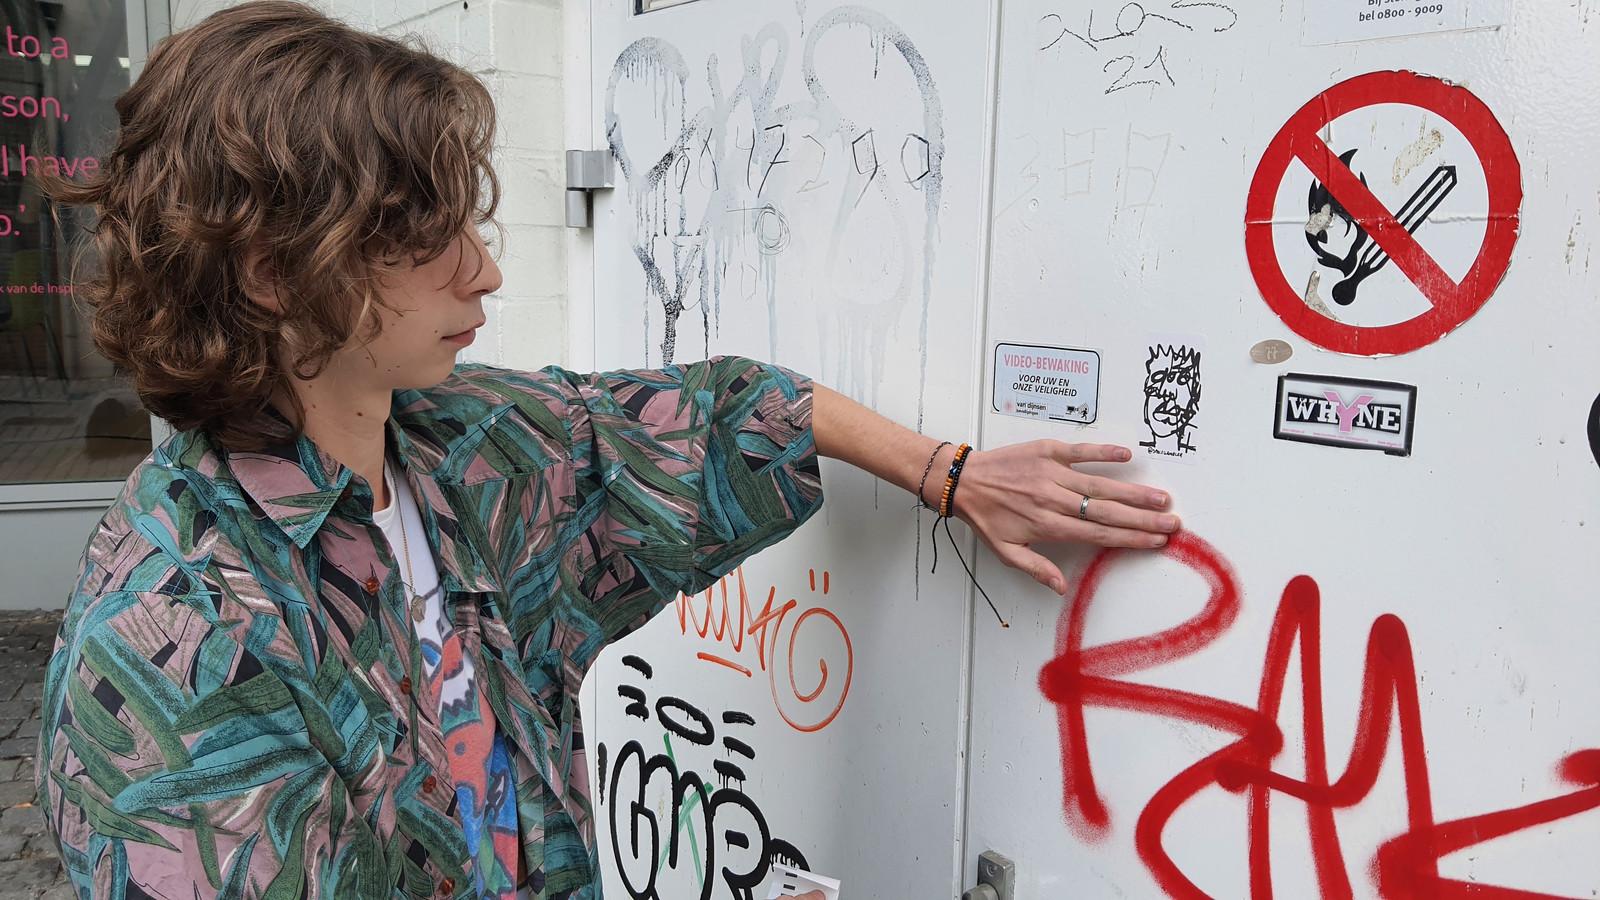 Kunstenaar Mees van de Voren plakt een van zijn bekende stickers